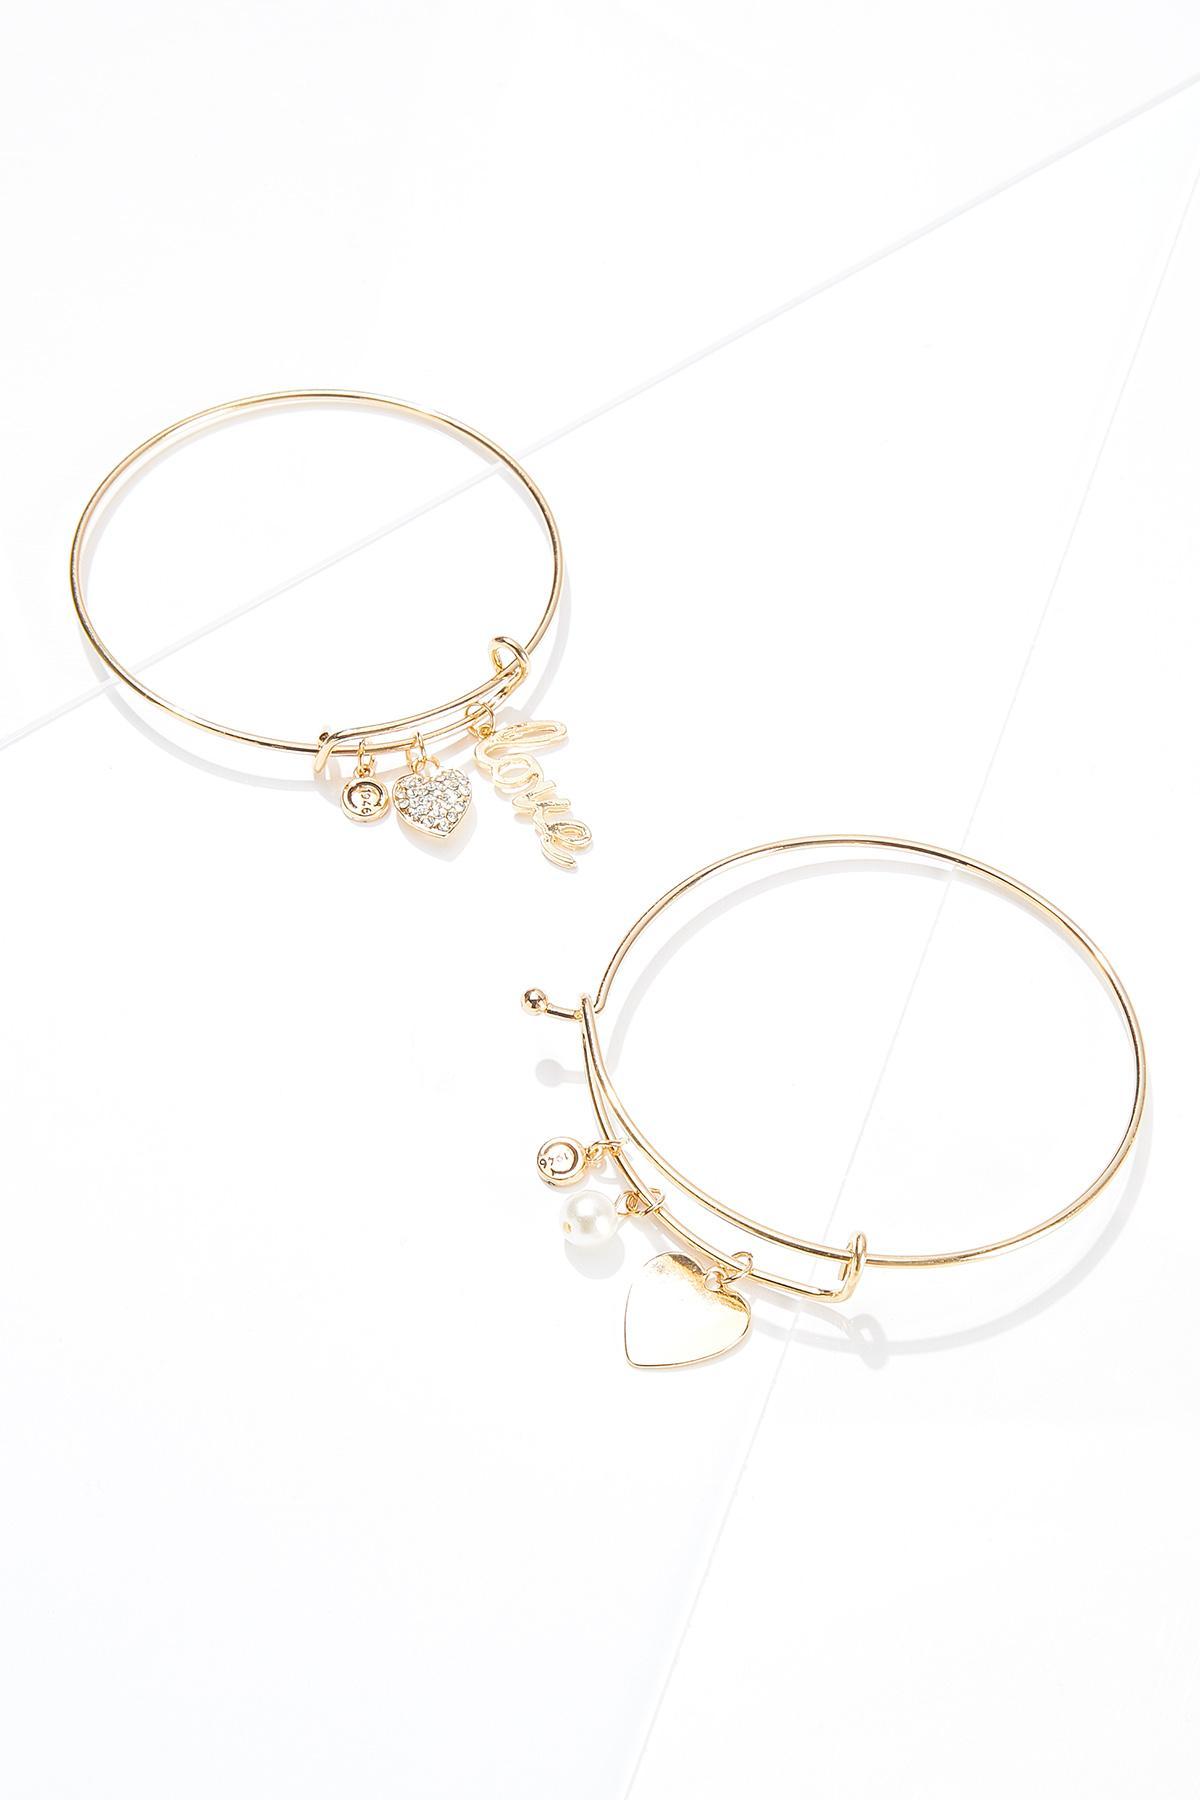 Lovely Charm Bracelet Set